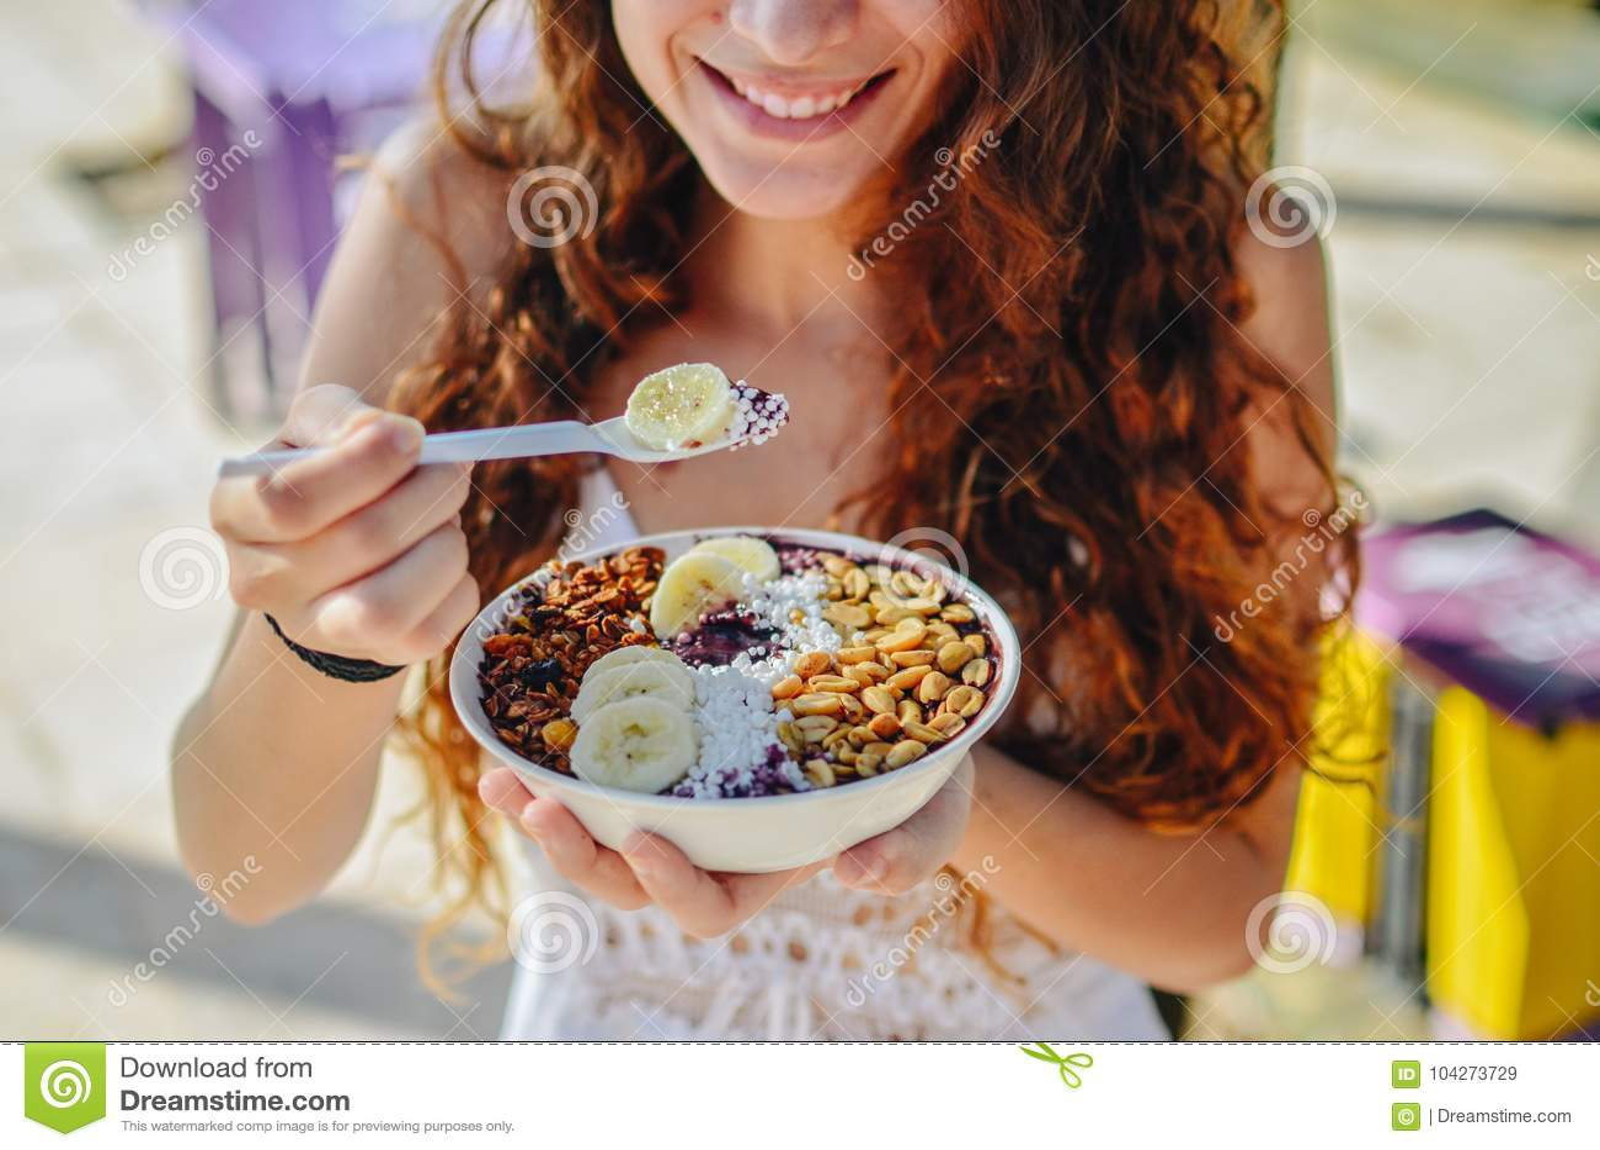 Acai-Schüsselfrau, die Morgenfrühstück am Café isst Nahaufnahme der gesunden Diät Frucht Smoothie für Gewichtsverlust mit Beeren